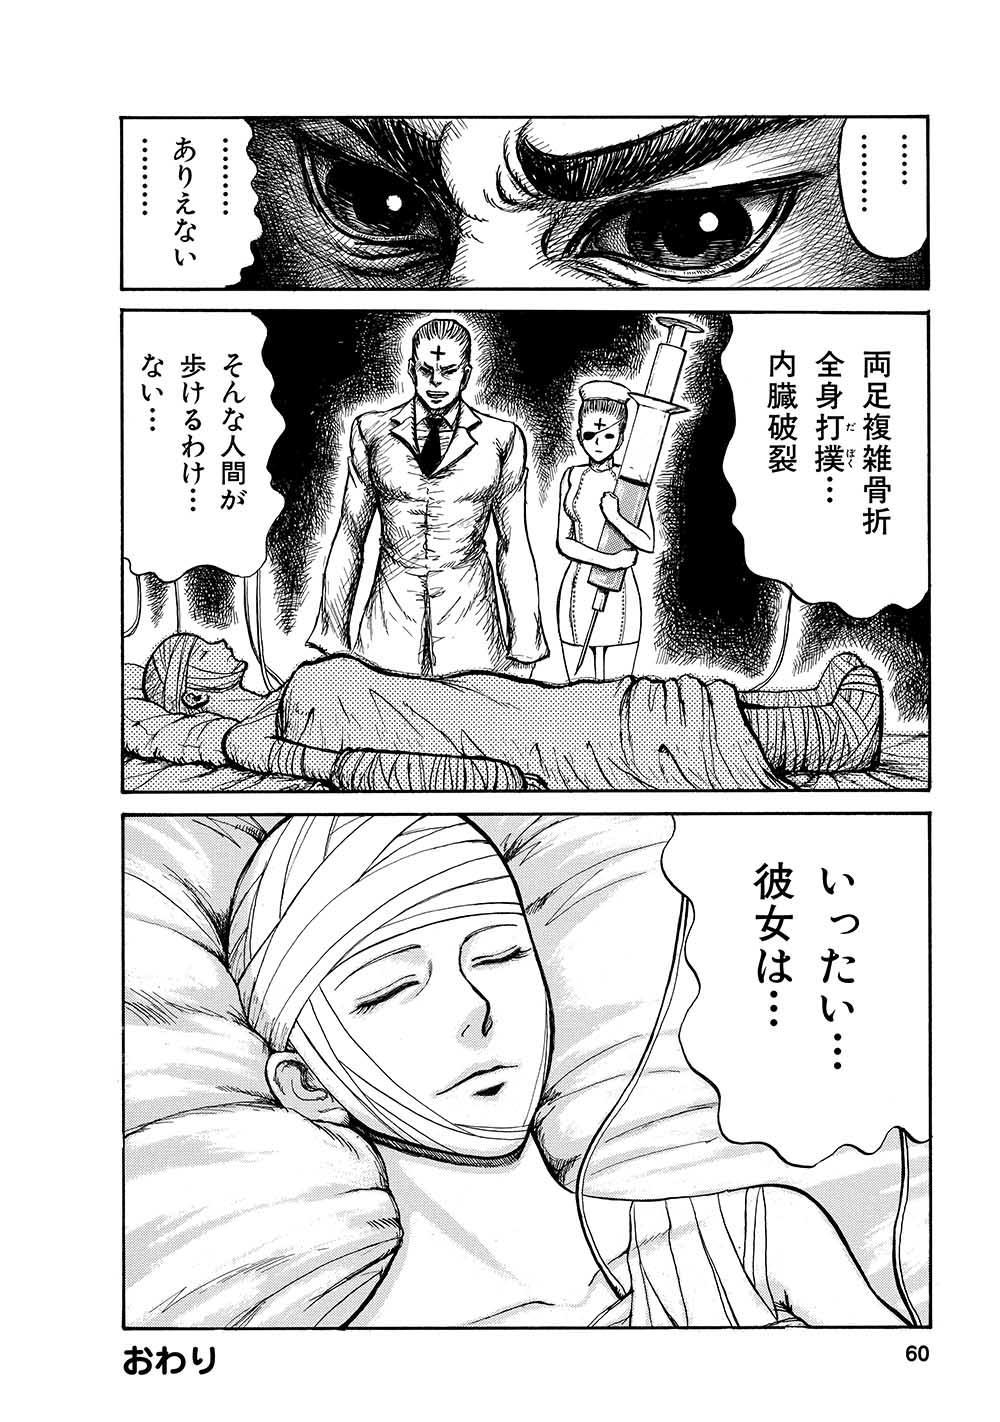 未知庵1_060.jpg